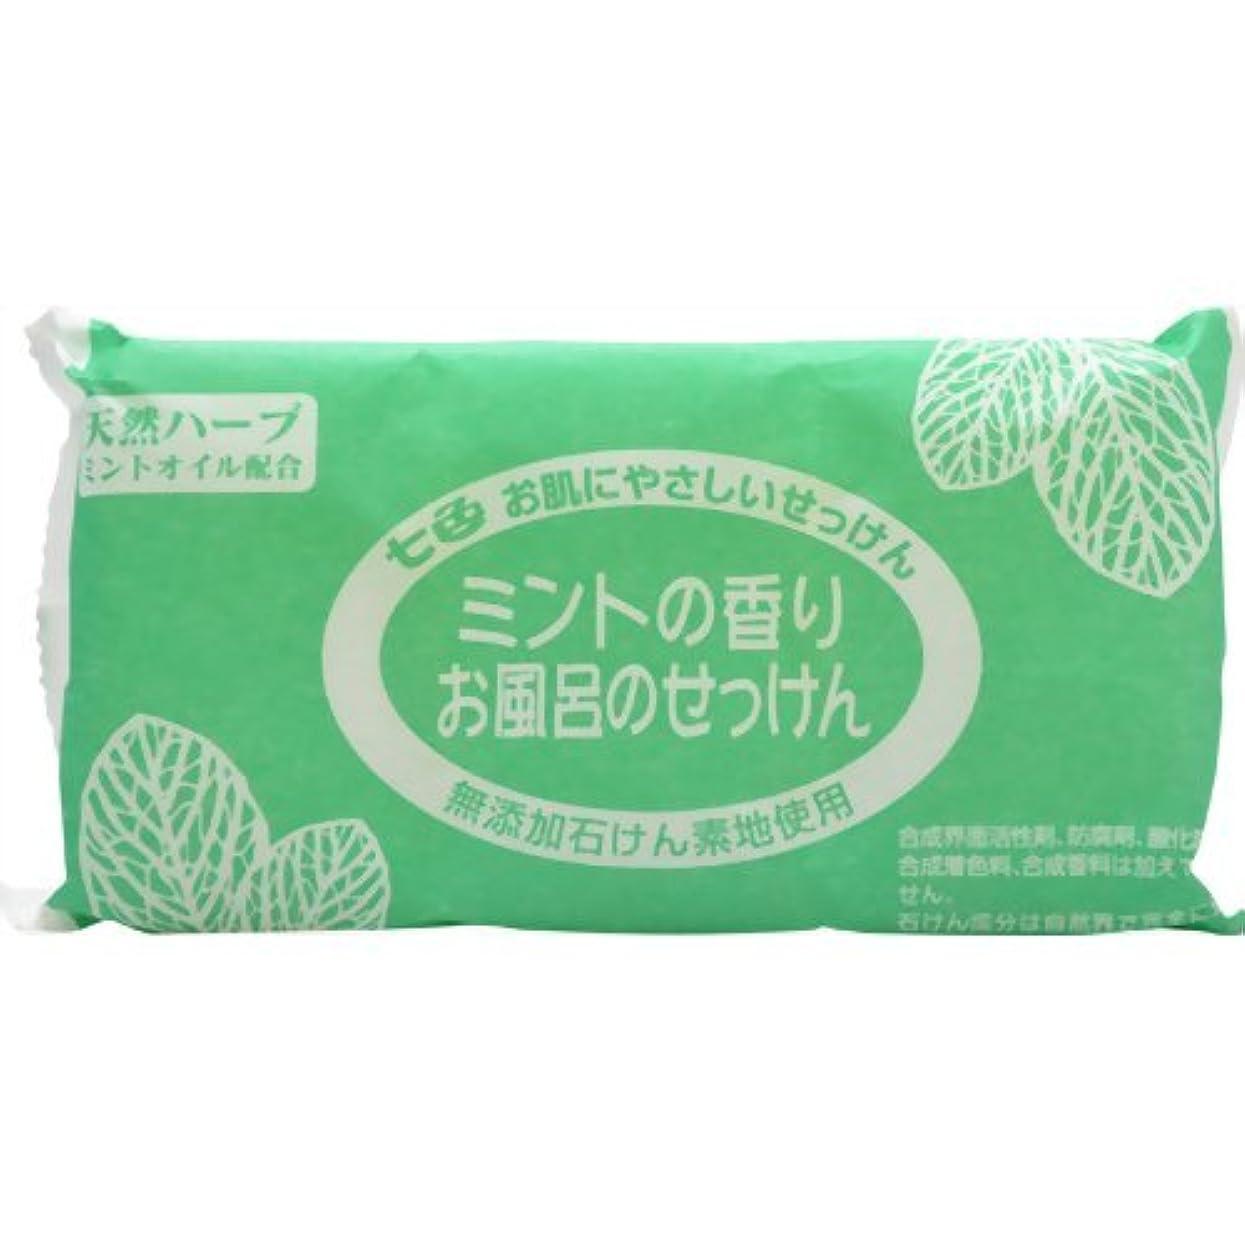 リーク有毒なしなやか七色 お風呂のせっけん ミントの香り(無添加石鹸) 100g×3個入